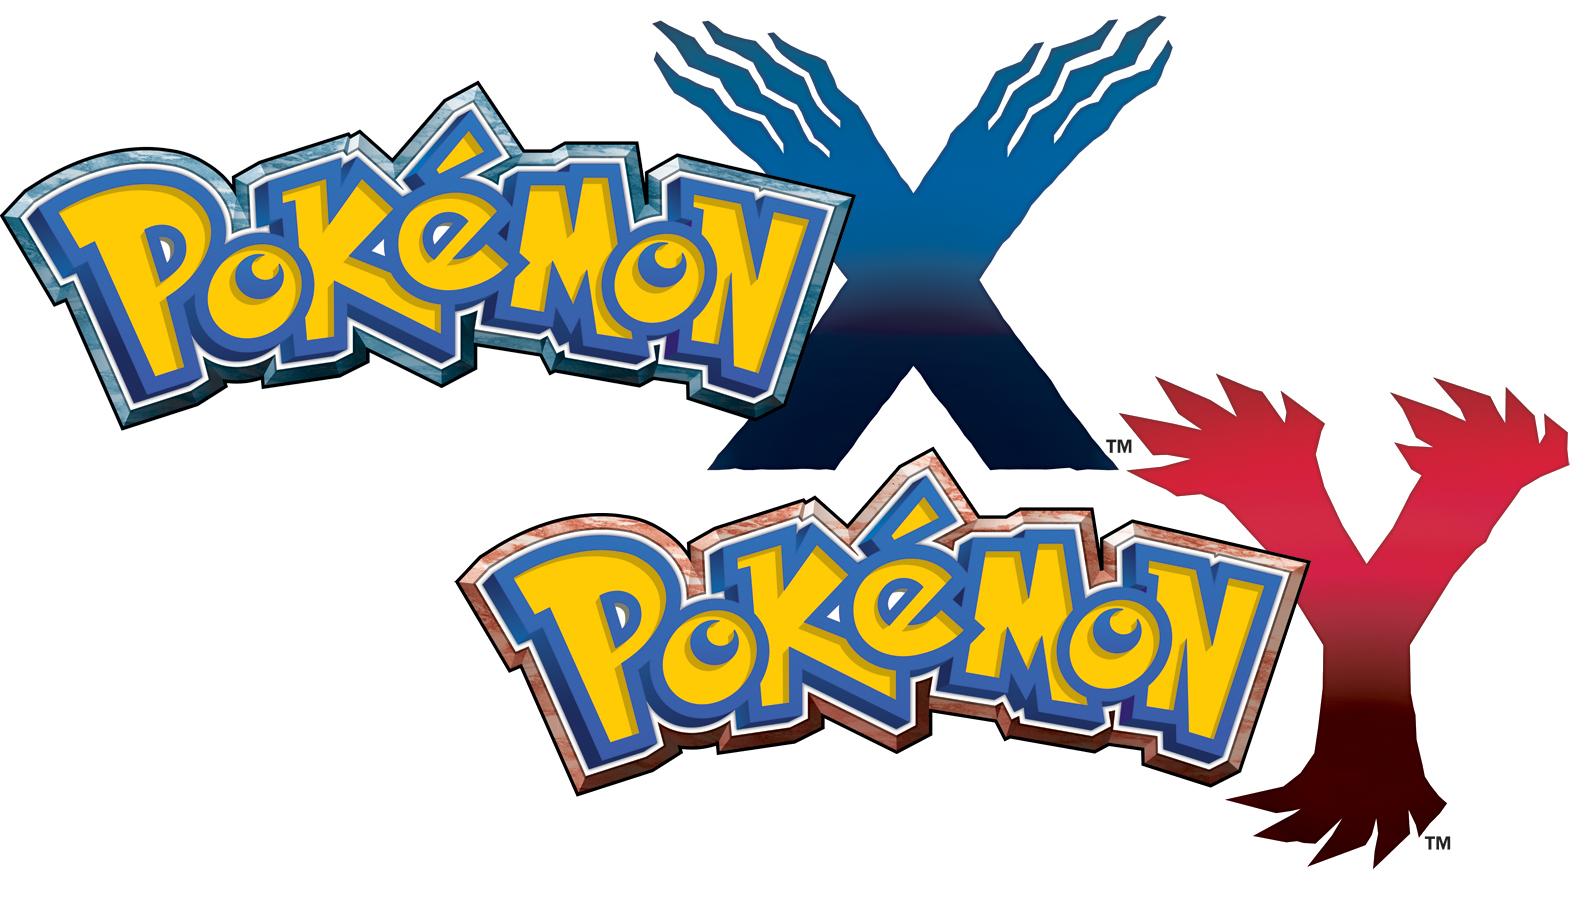 Pokemon X - Y